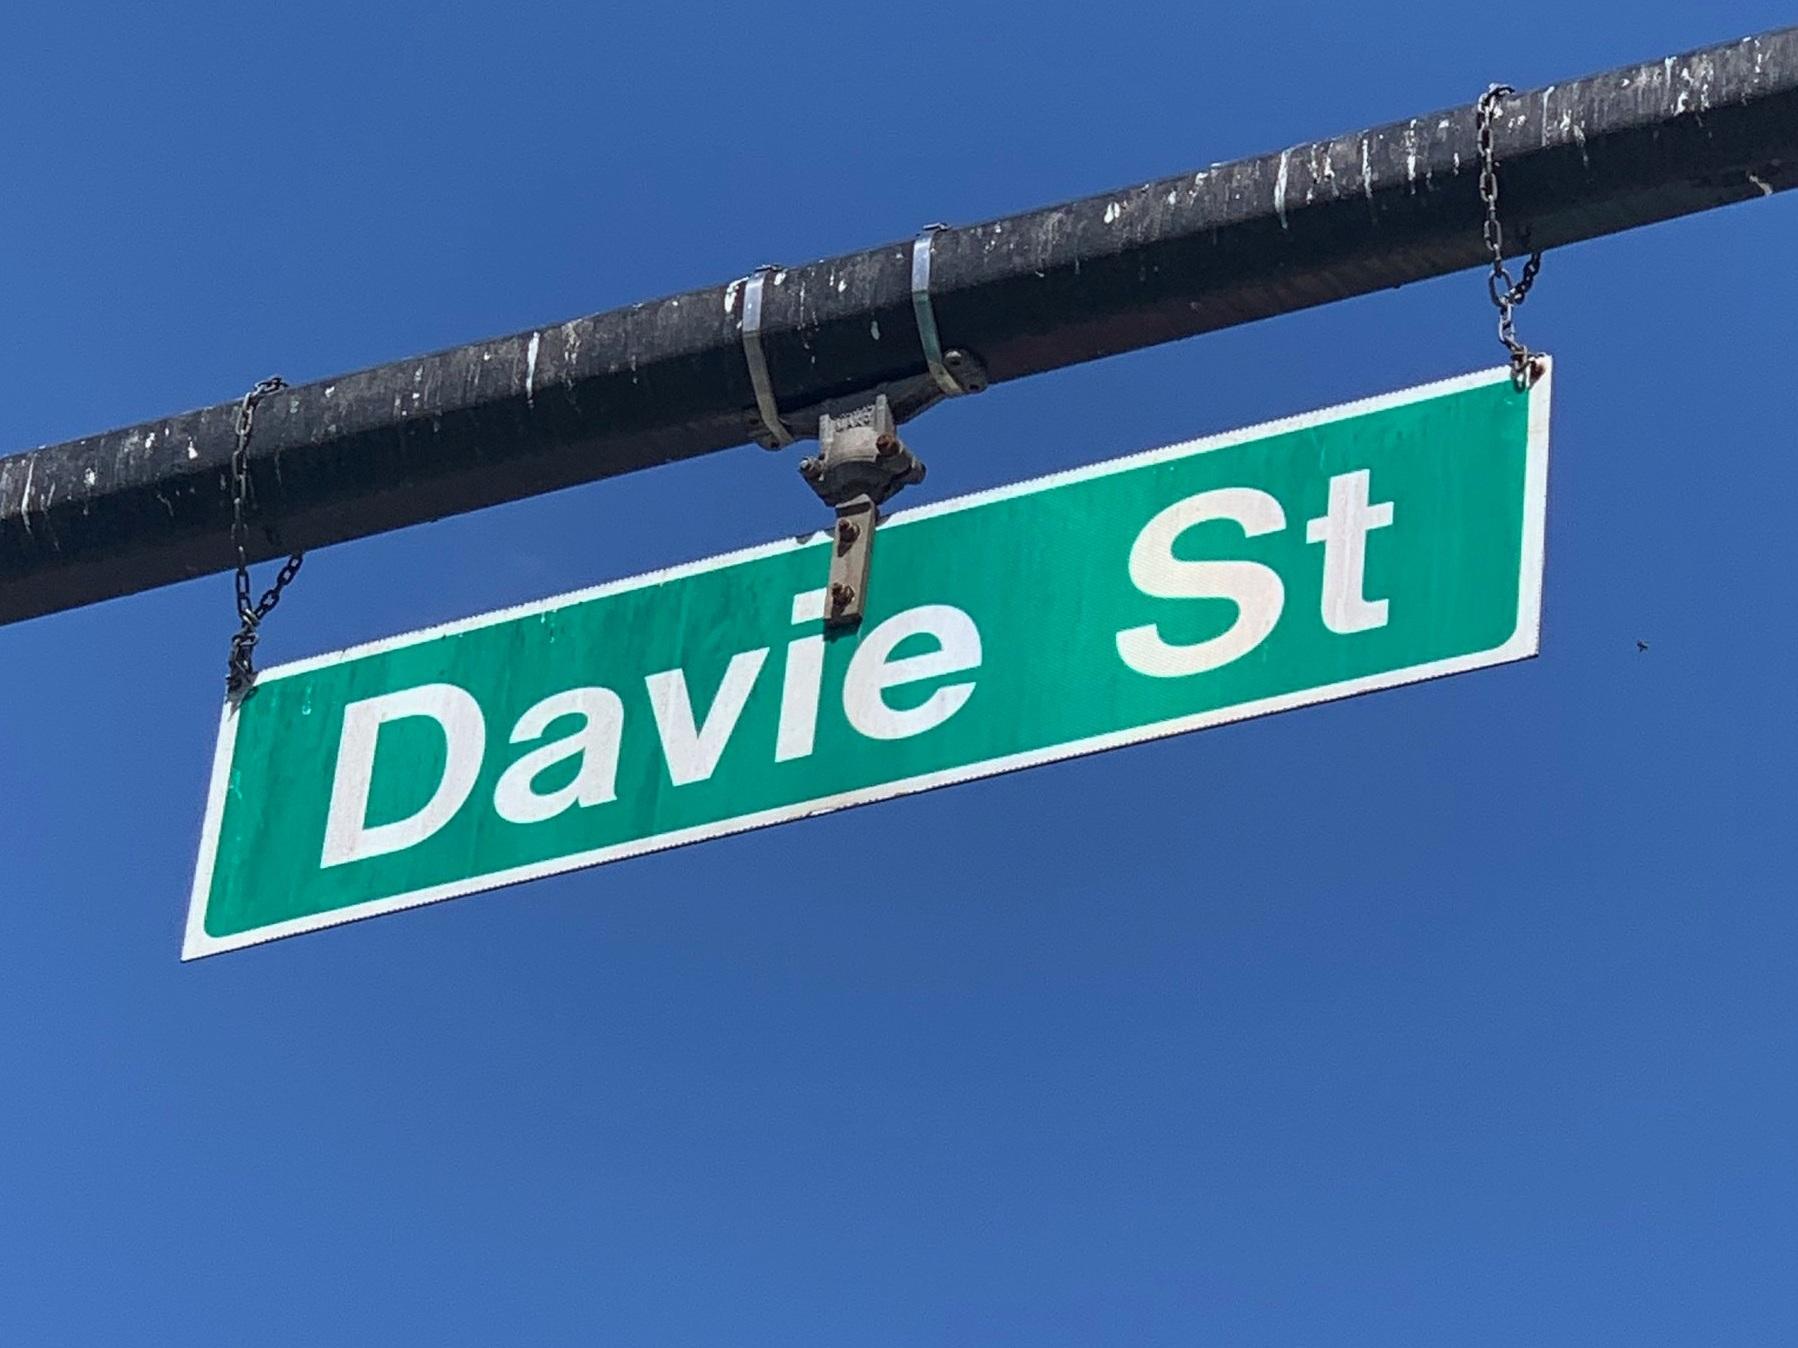 Davie+I+.jpg